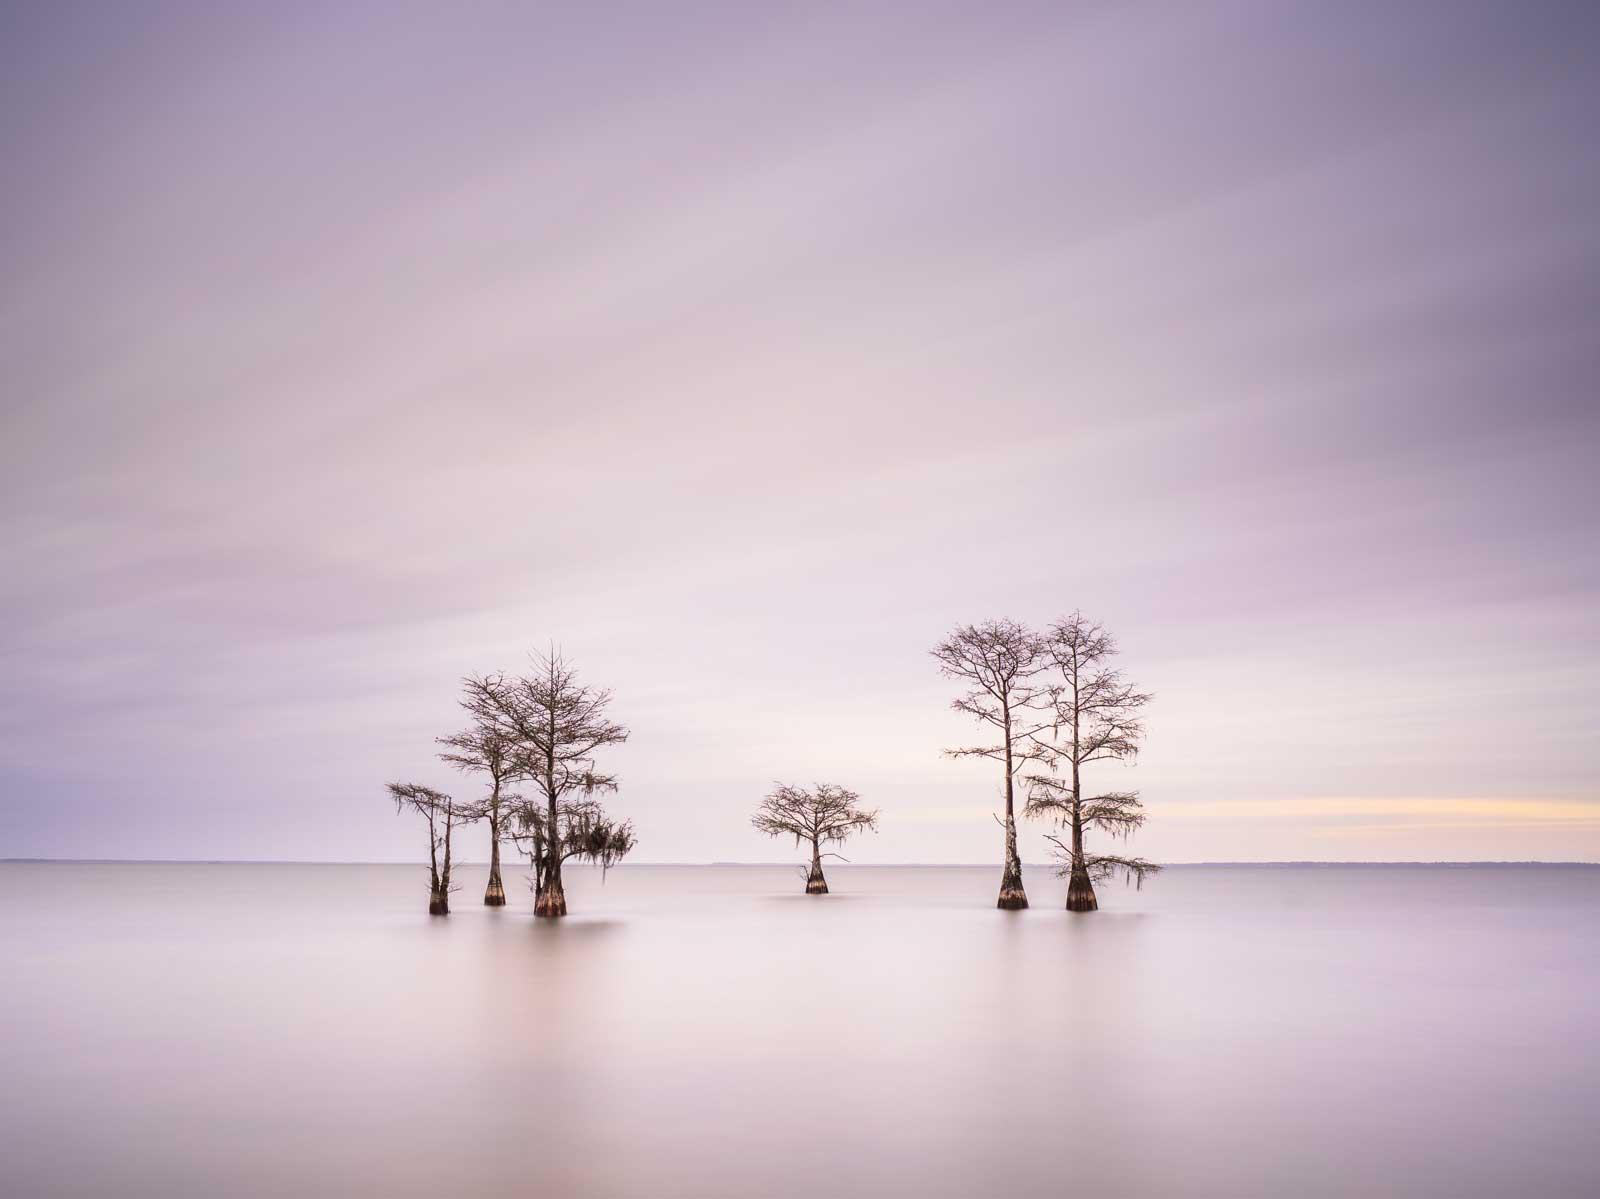 Ivo Kerssemakers Winter Cypress IX Photography